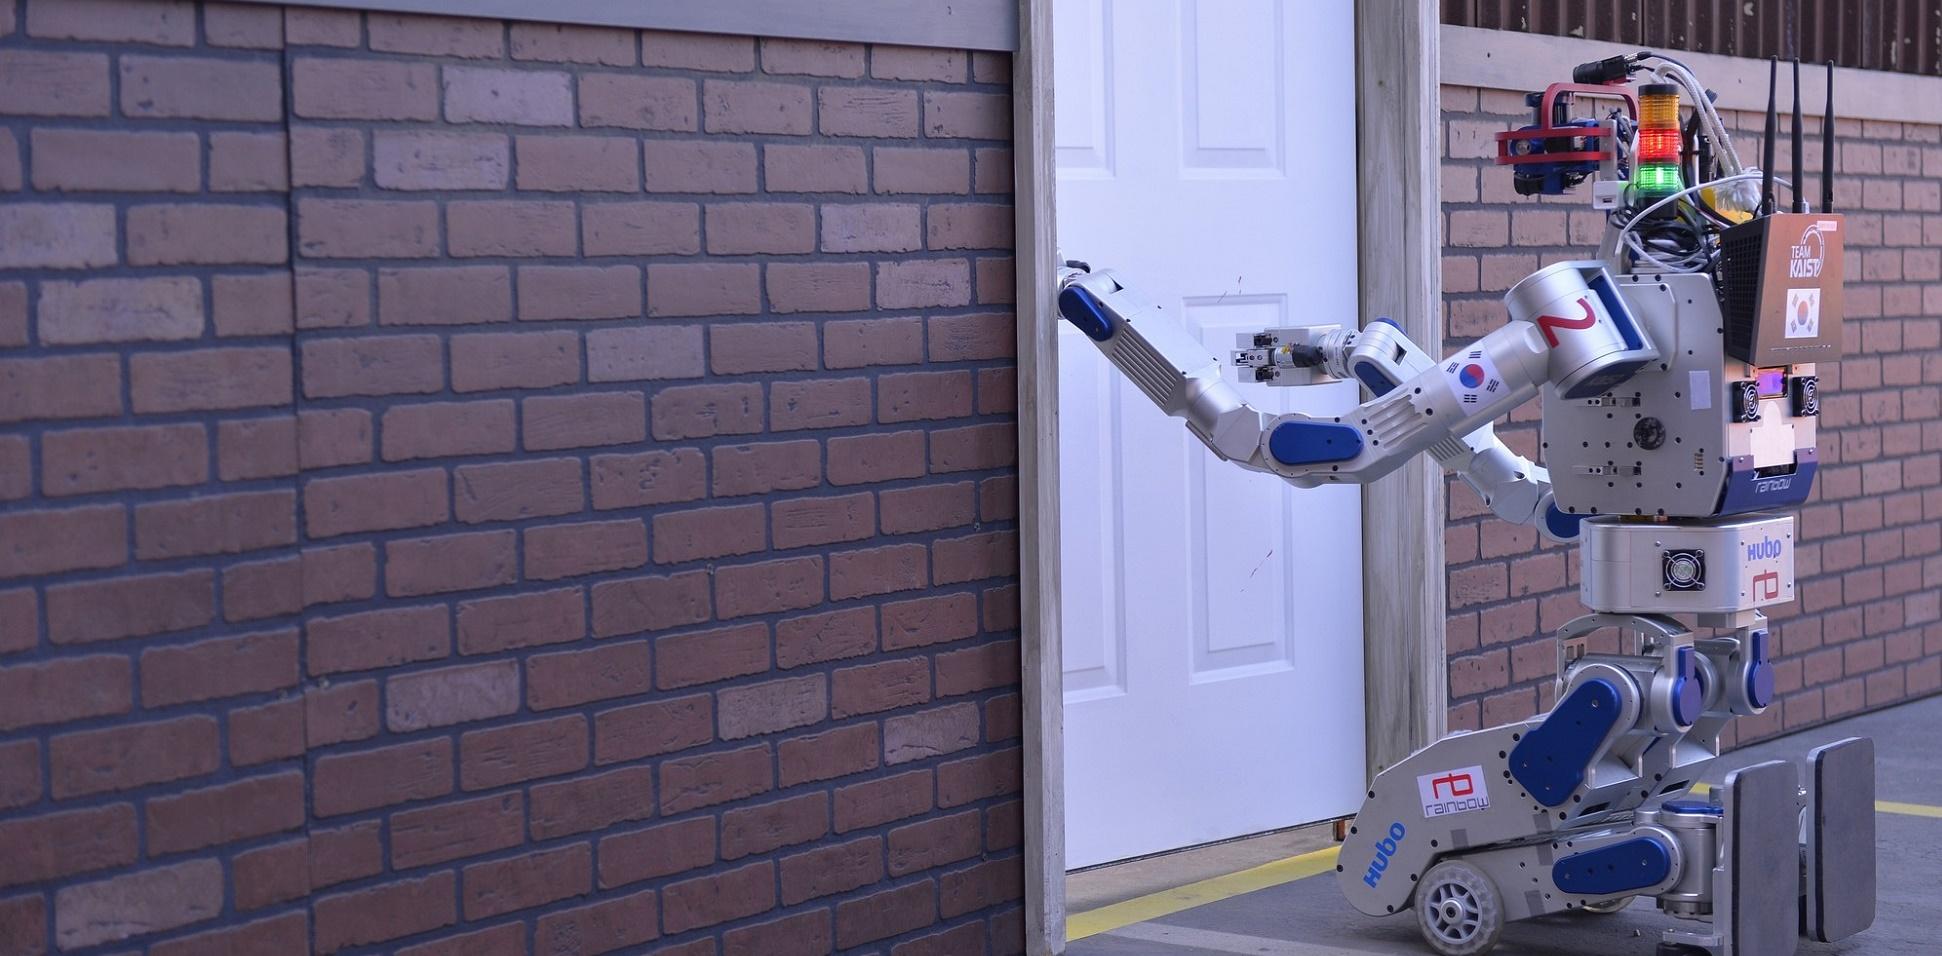 Este robot surcoreano es el ganador del DARPA Robotics Challenge